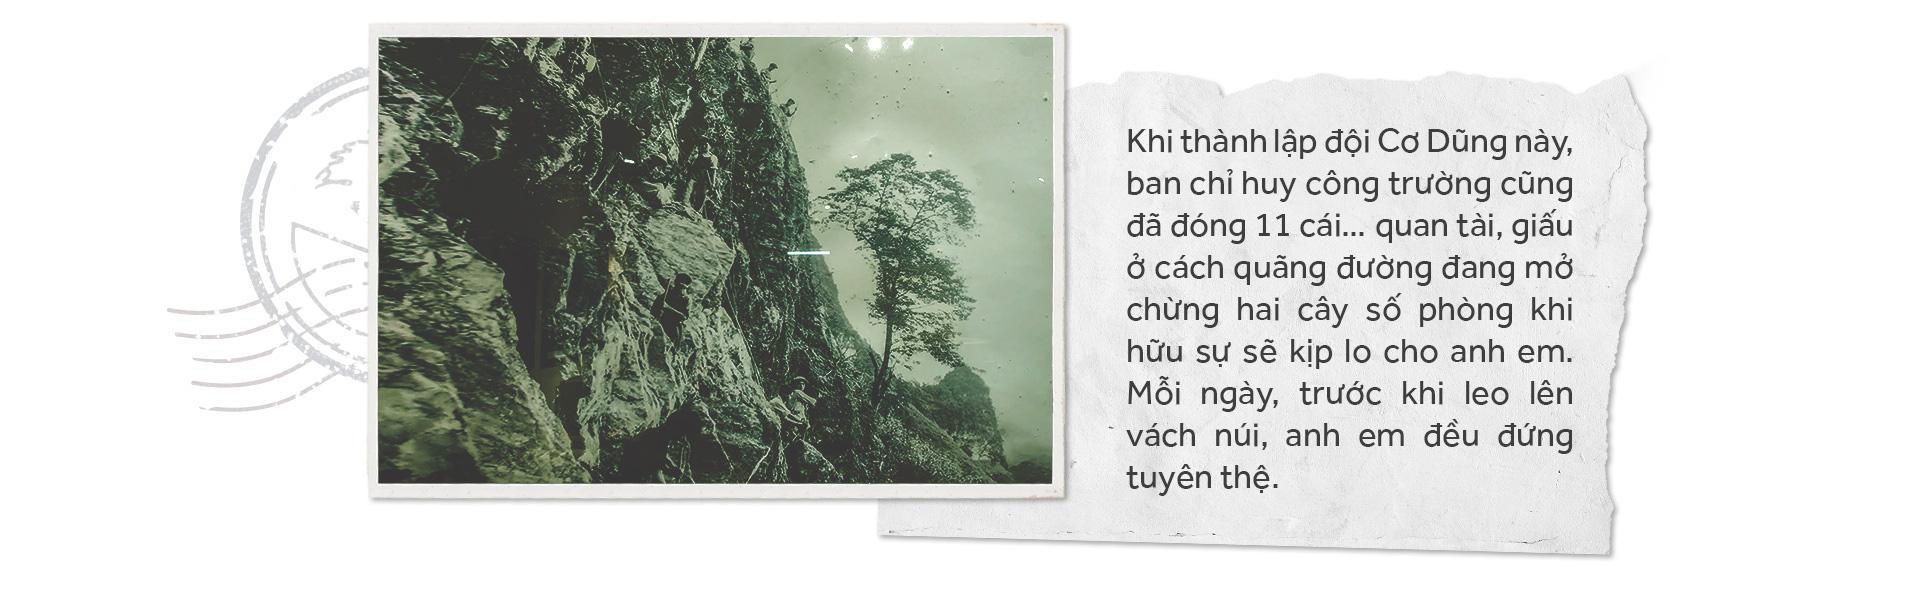 55 năm Cung đường Hạnh Phúc trên trập trùng núi đá Hà Giang - Ảnh 12.